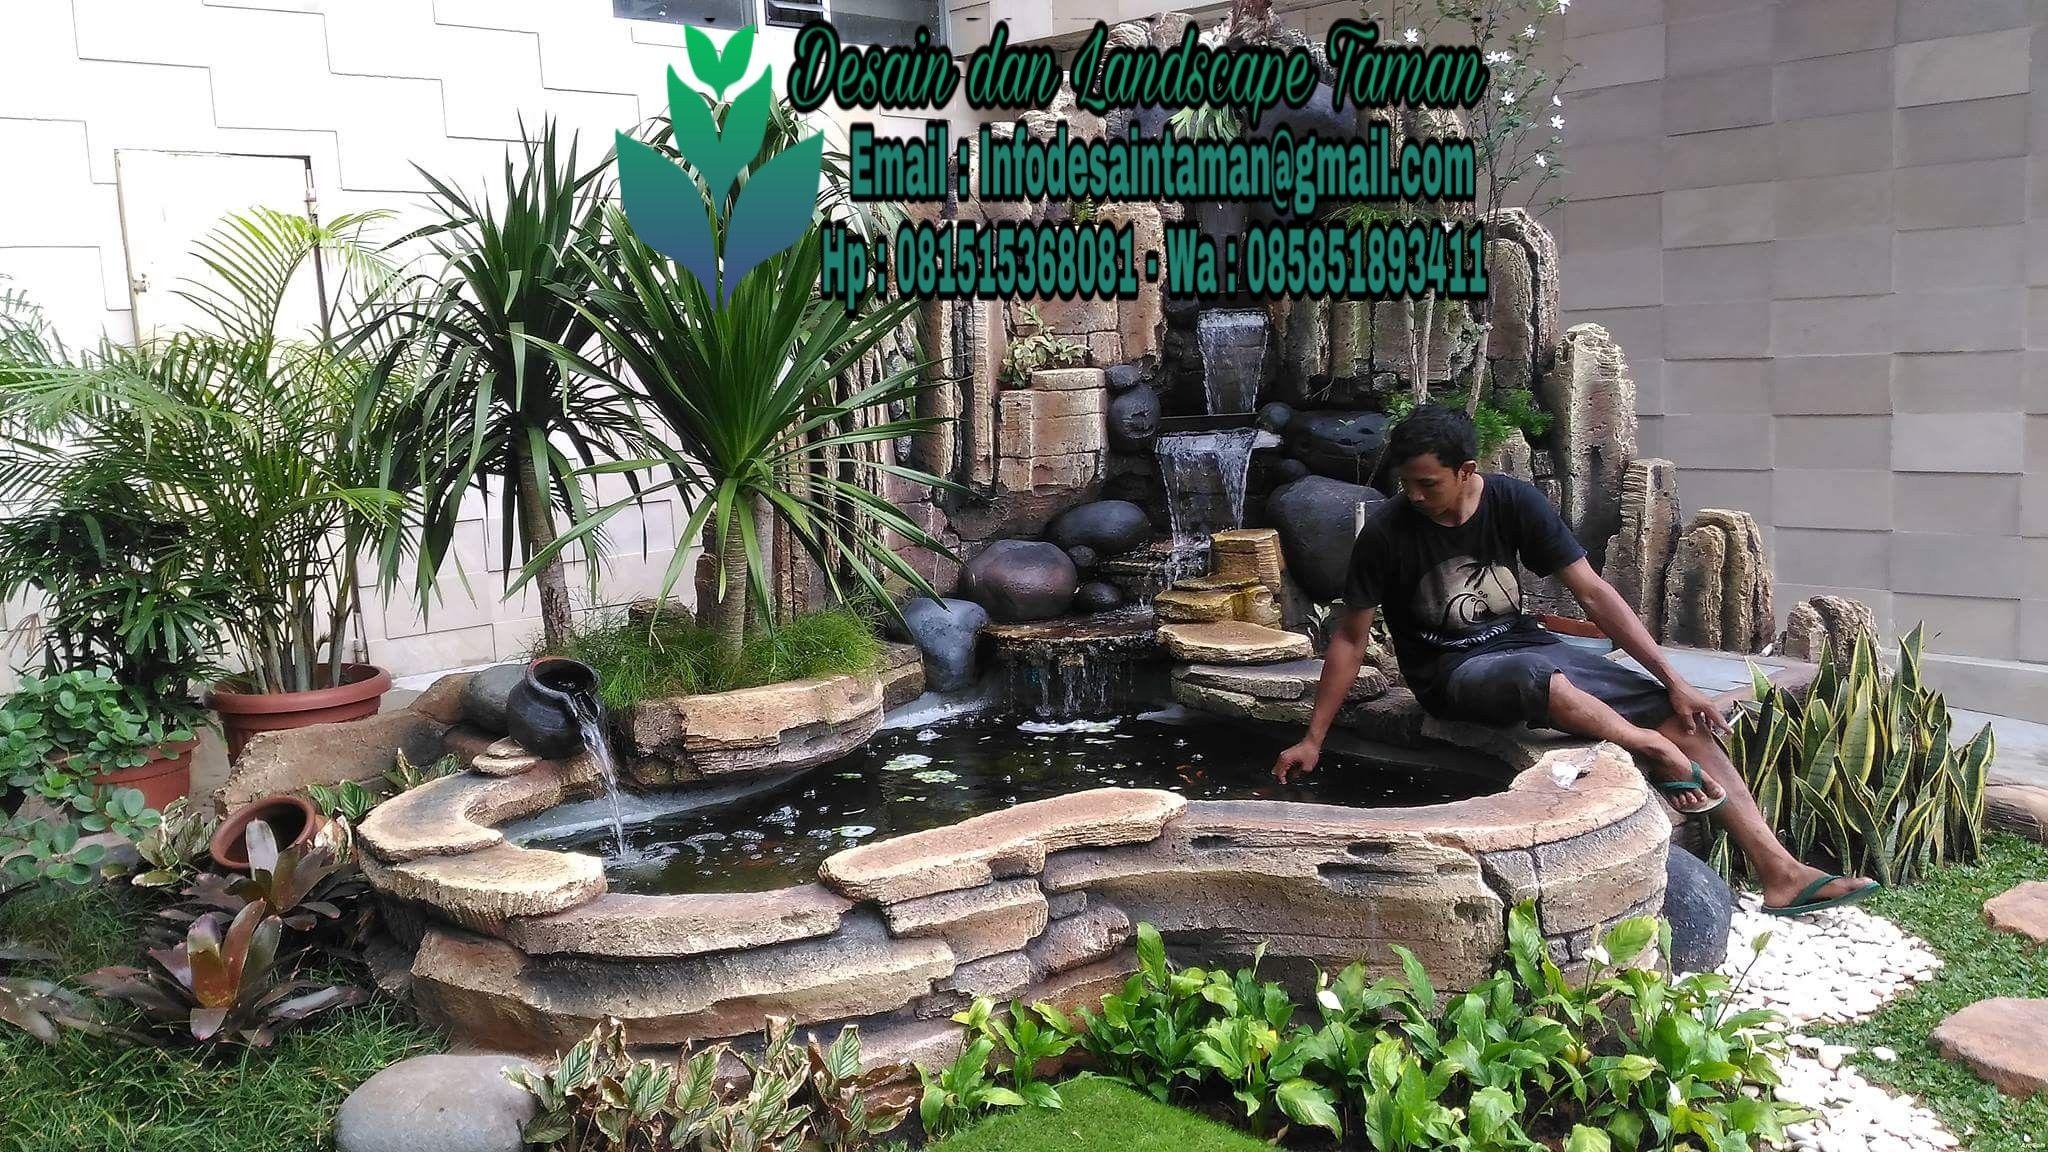 Tukang Relief Tebing Kolam Ikan Air Mancur Di Sidoarjo Dan Surabaya Kolam Ikan Kolam Kolam Ikan Koi